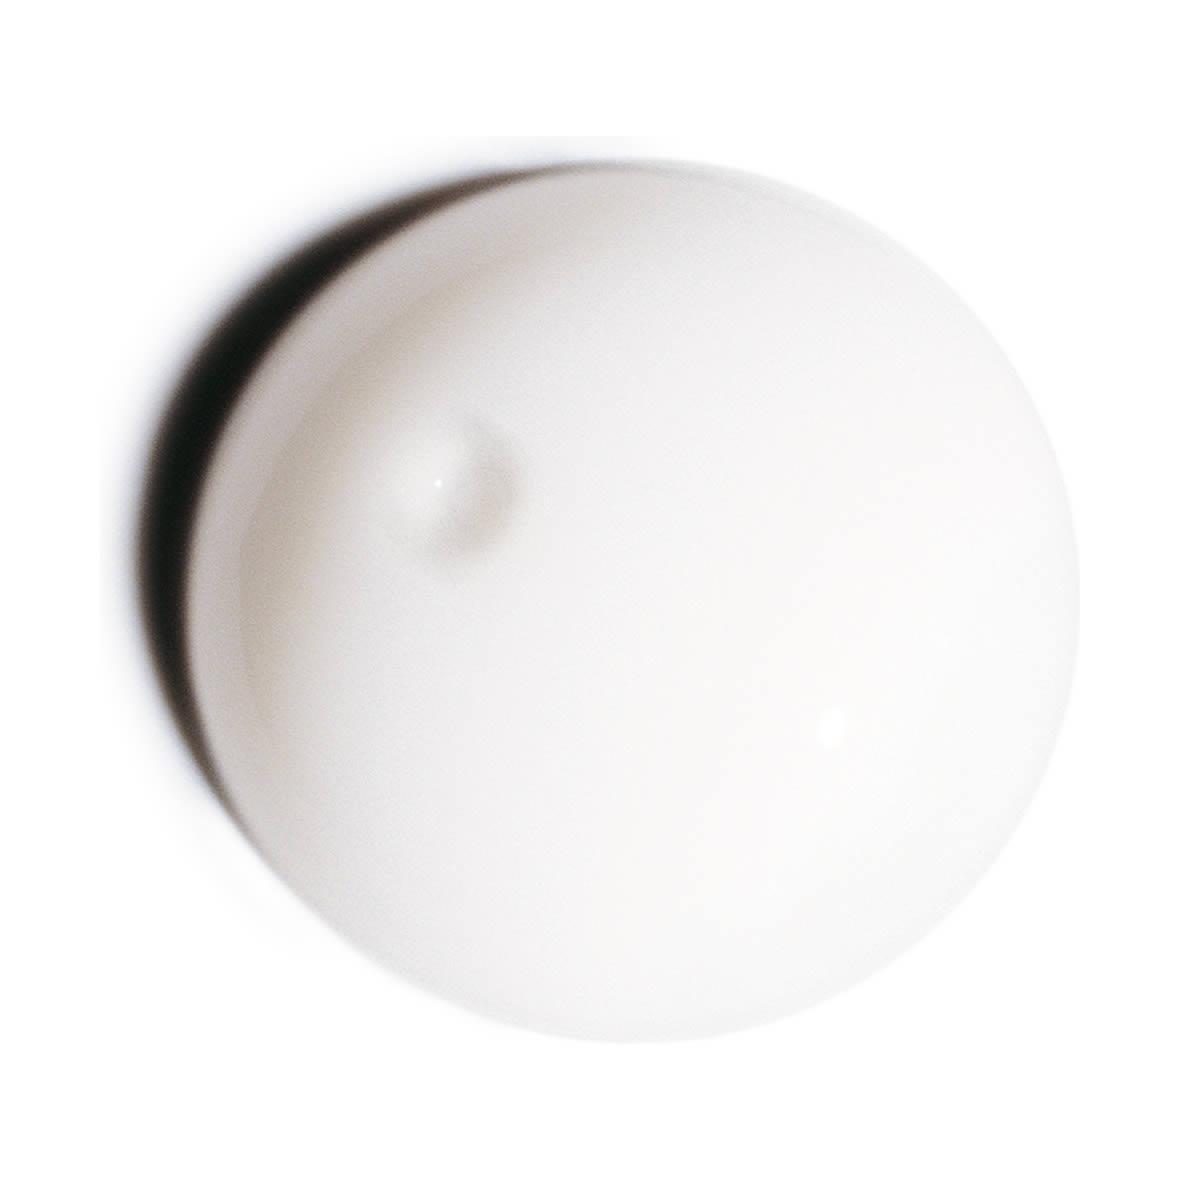 La Roche-Posay EFFACLAR 油性肌膚系列系列的EFFACLAR A.I. 粉刺淨化修護精華 產品圖片